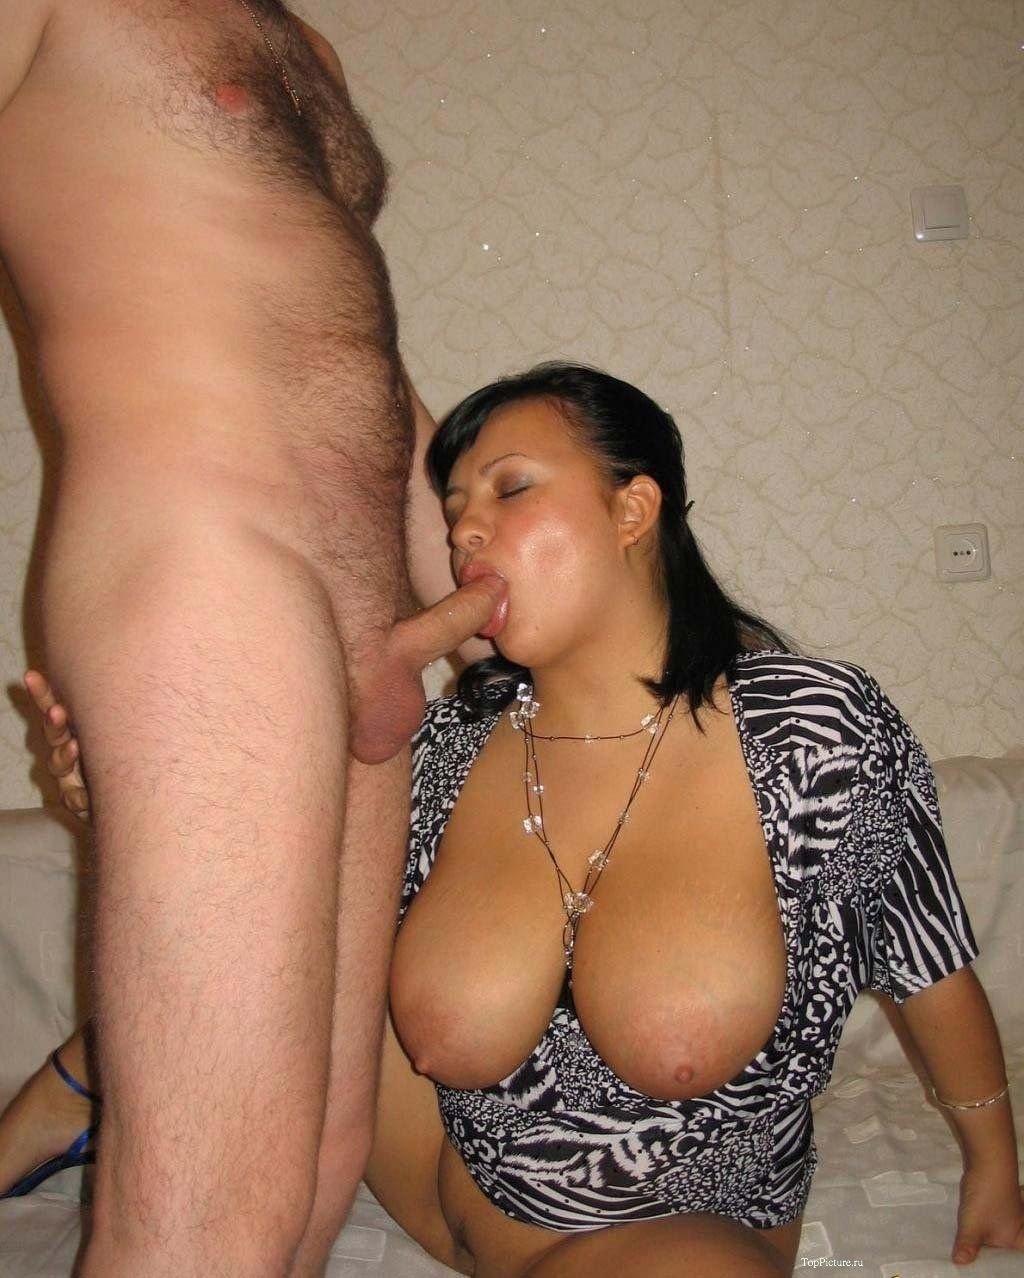 Порно жена большие сиськи сосет мужу